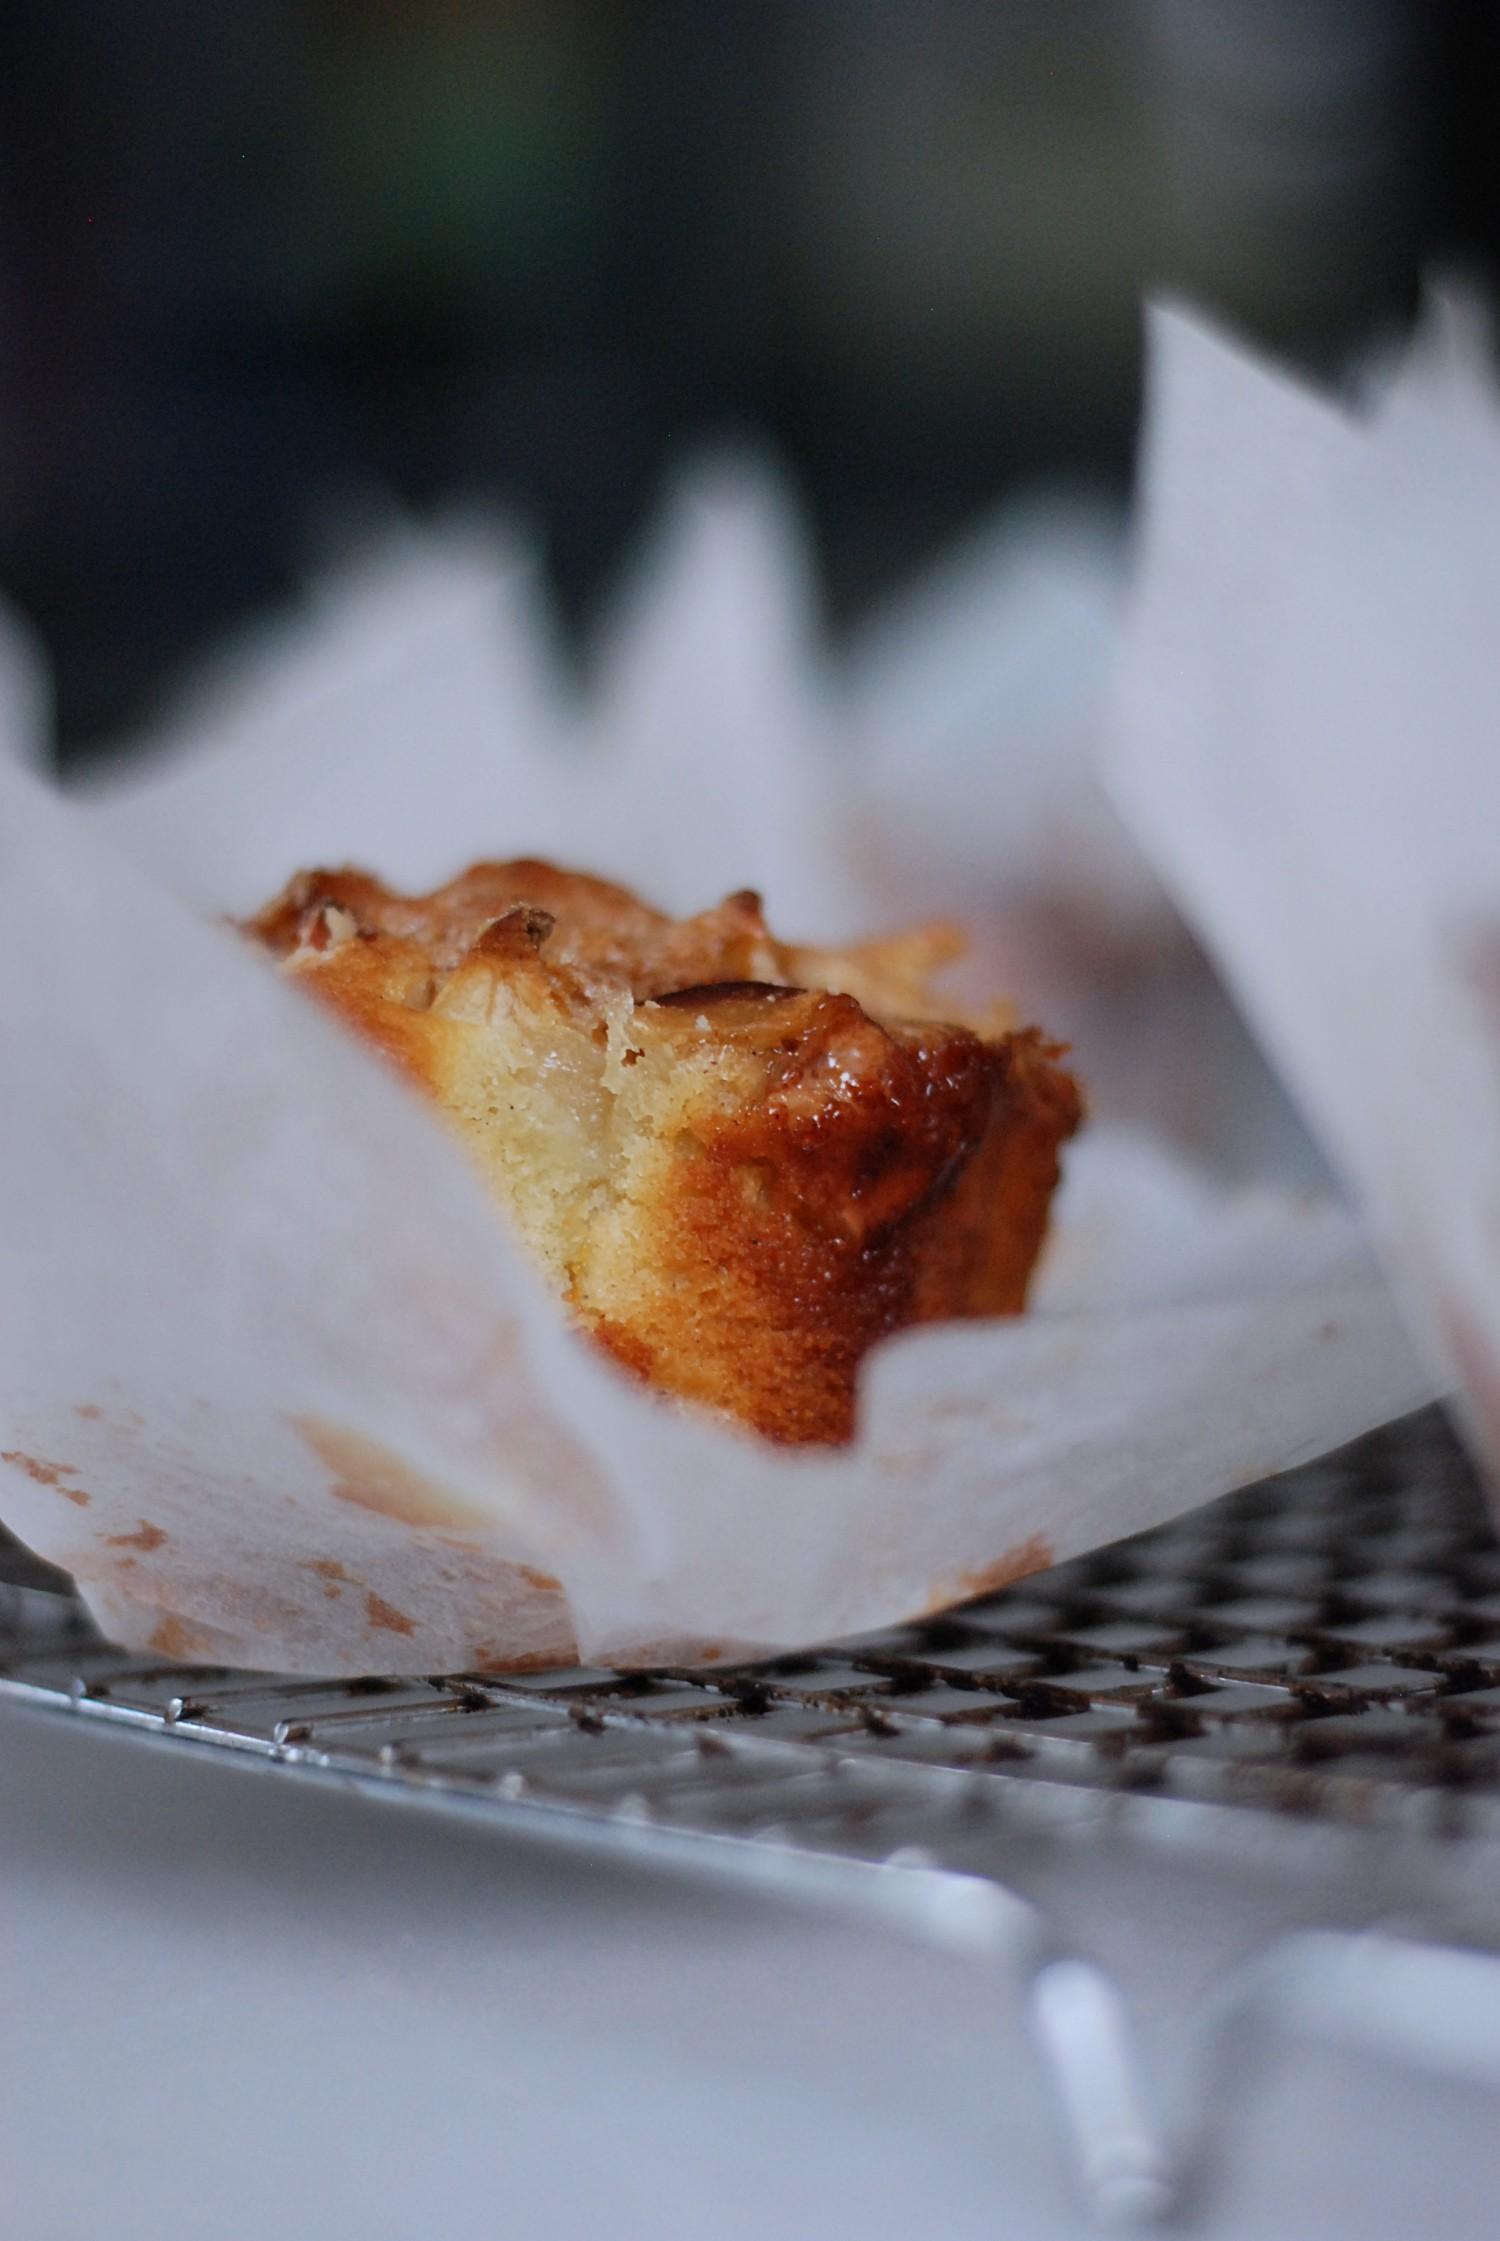 muffins-med-aebler-lidl-annemette-voss4